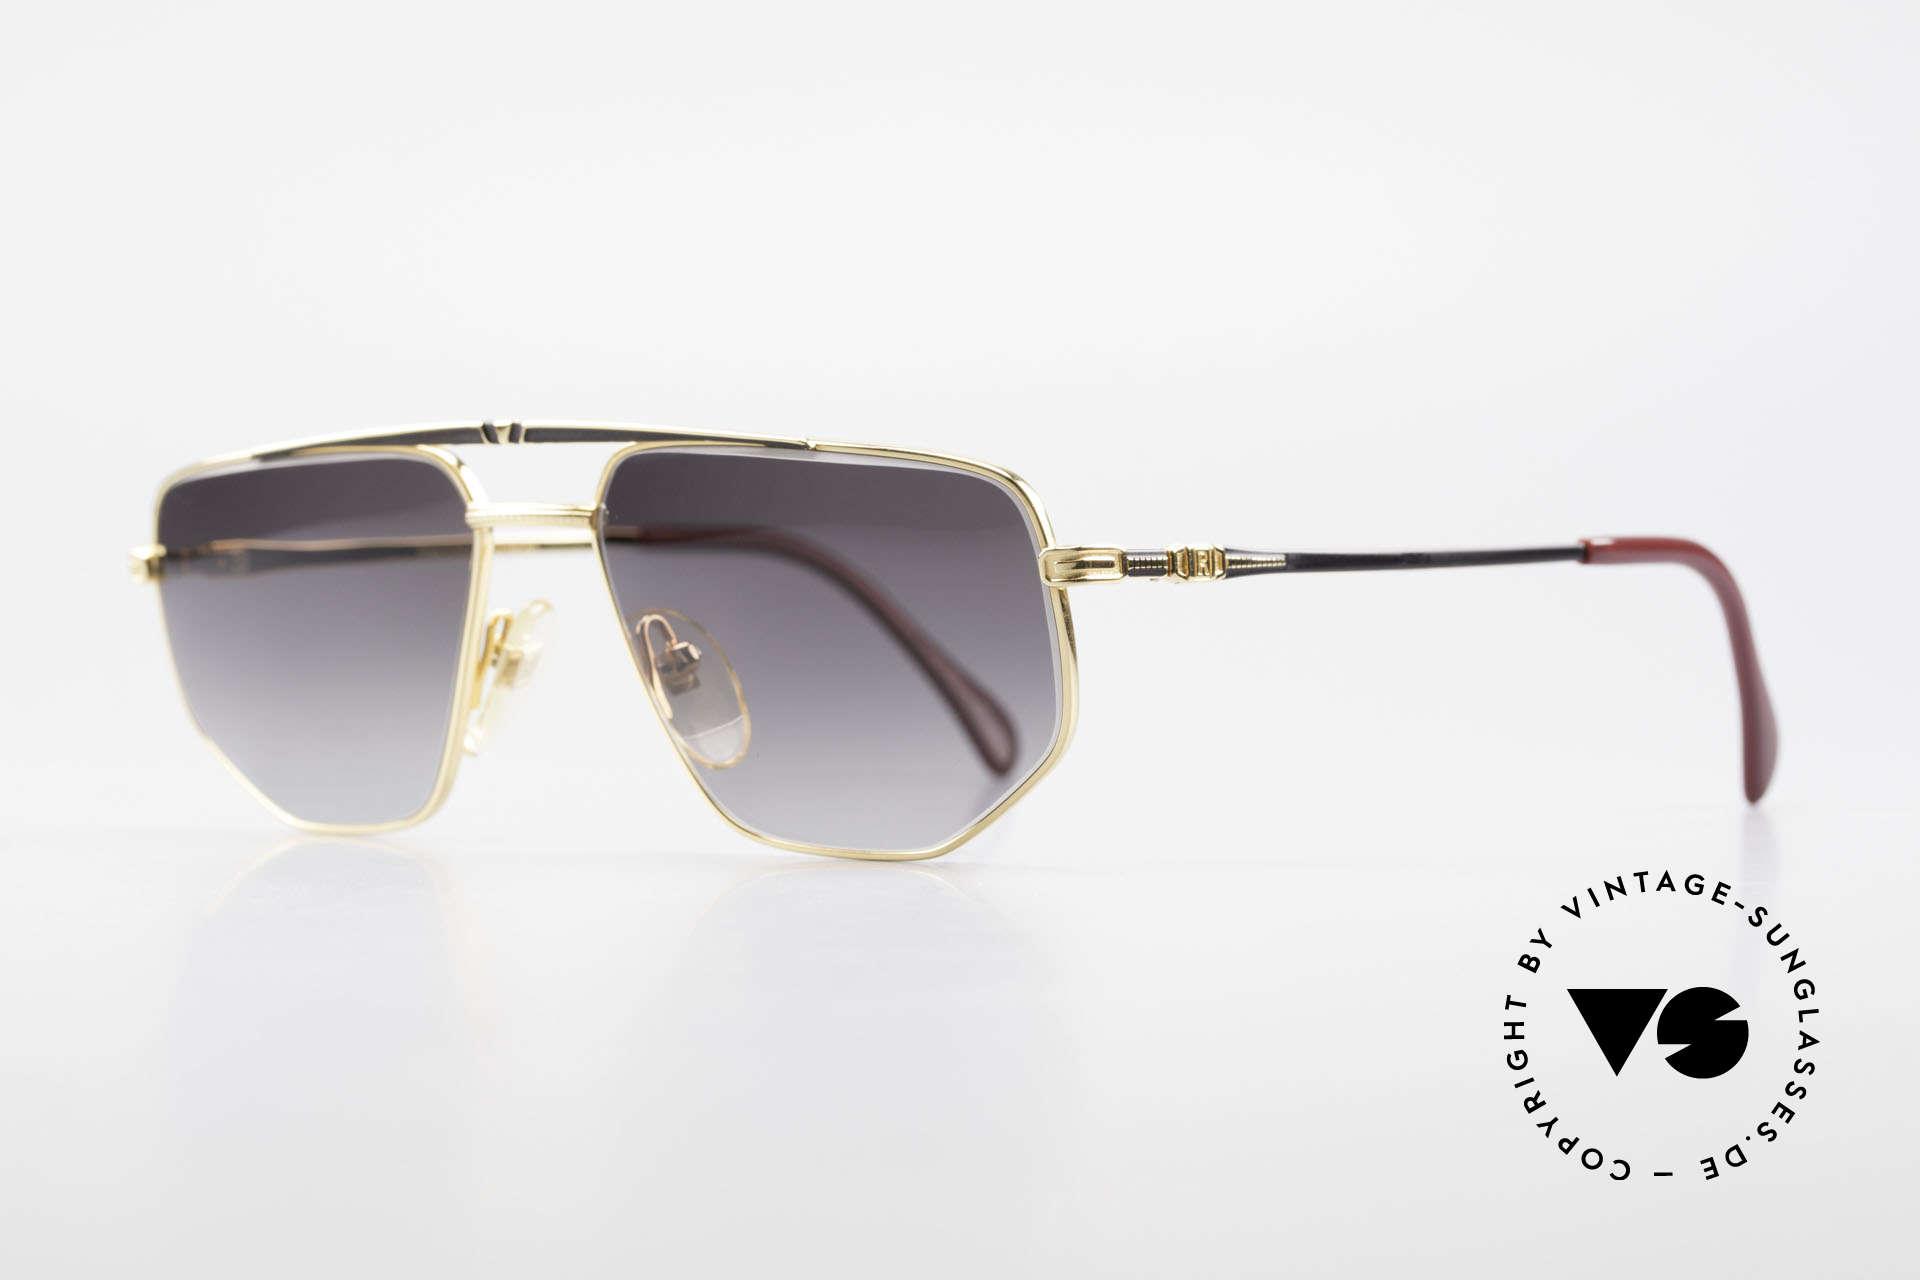 Roman Rothschild R1037 Vergoldete Sonnenbrille Luxus, entsprechend hohe Qualität dieses 80er Jahre Modells, Passend für Herren und Damen